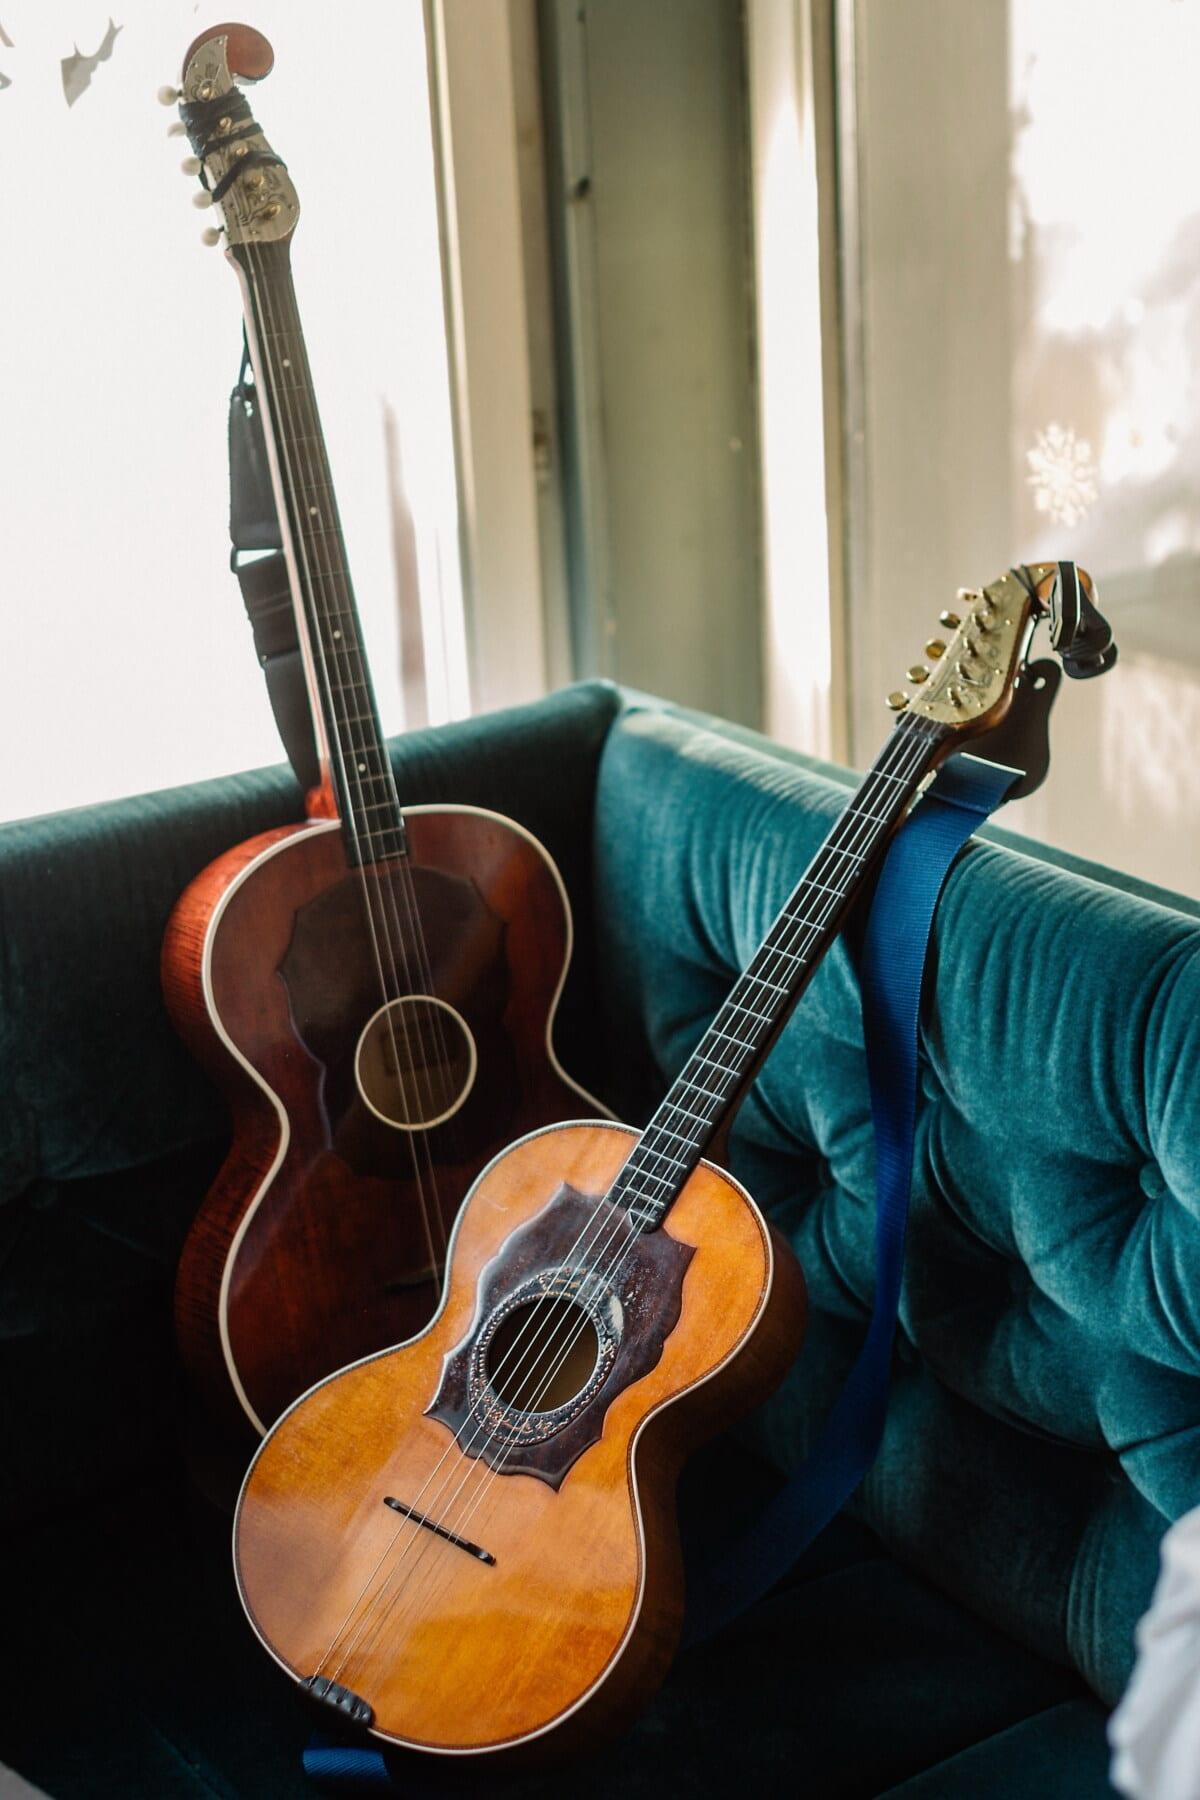 acustice, de modă veche, chitara, mobilier, canapea, Vintage, Instrumentul, muzica, muzicale, şir